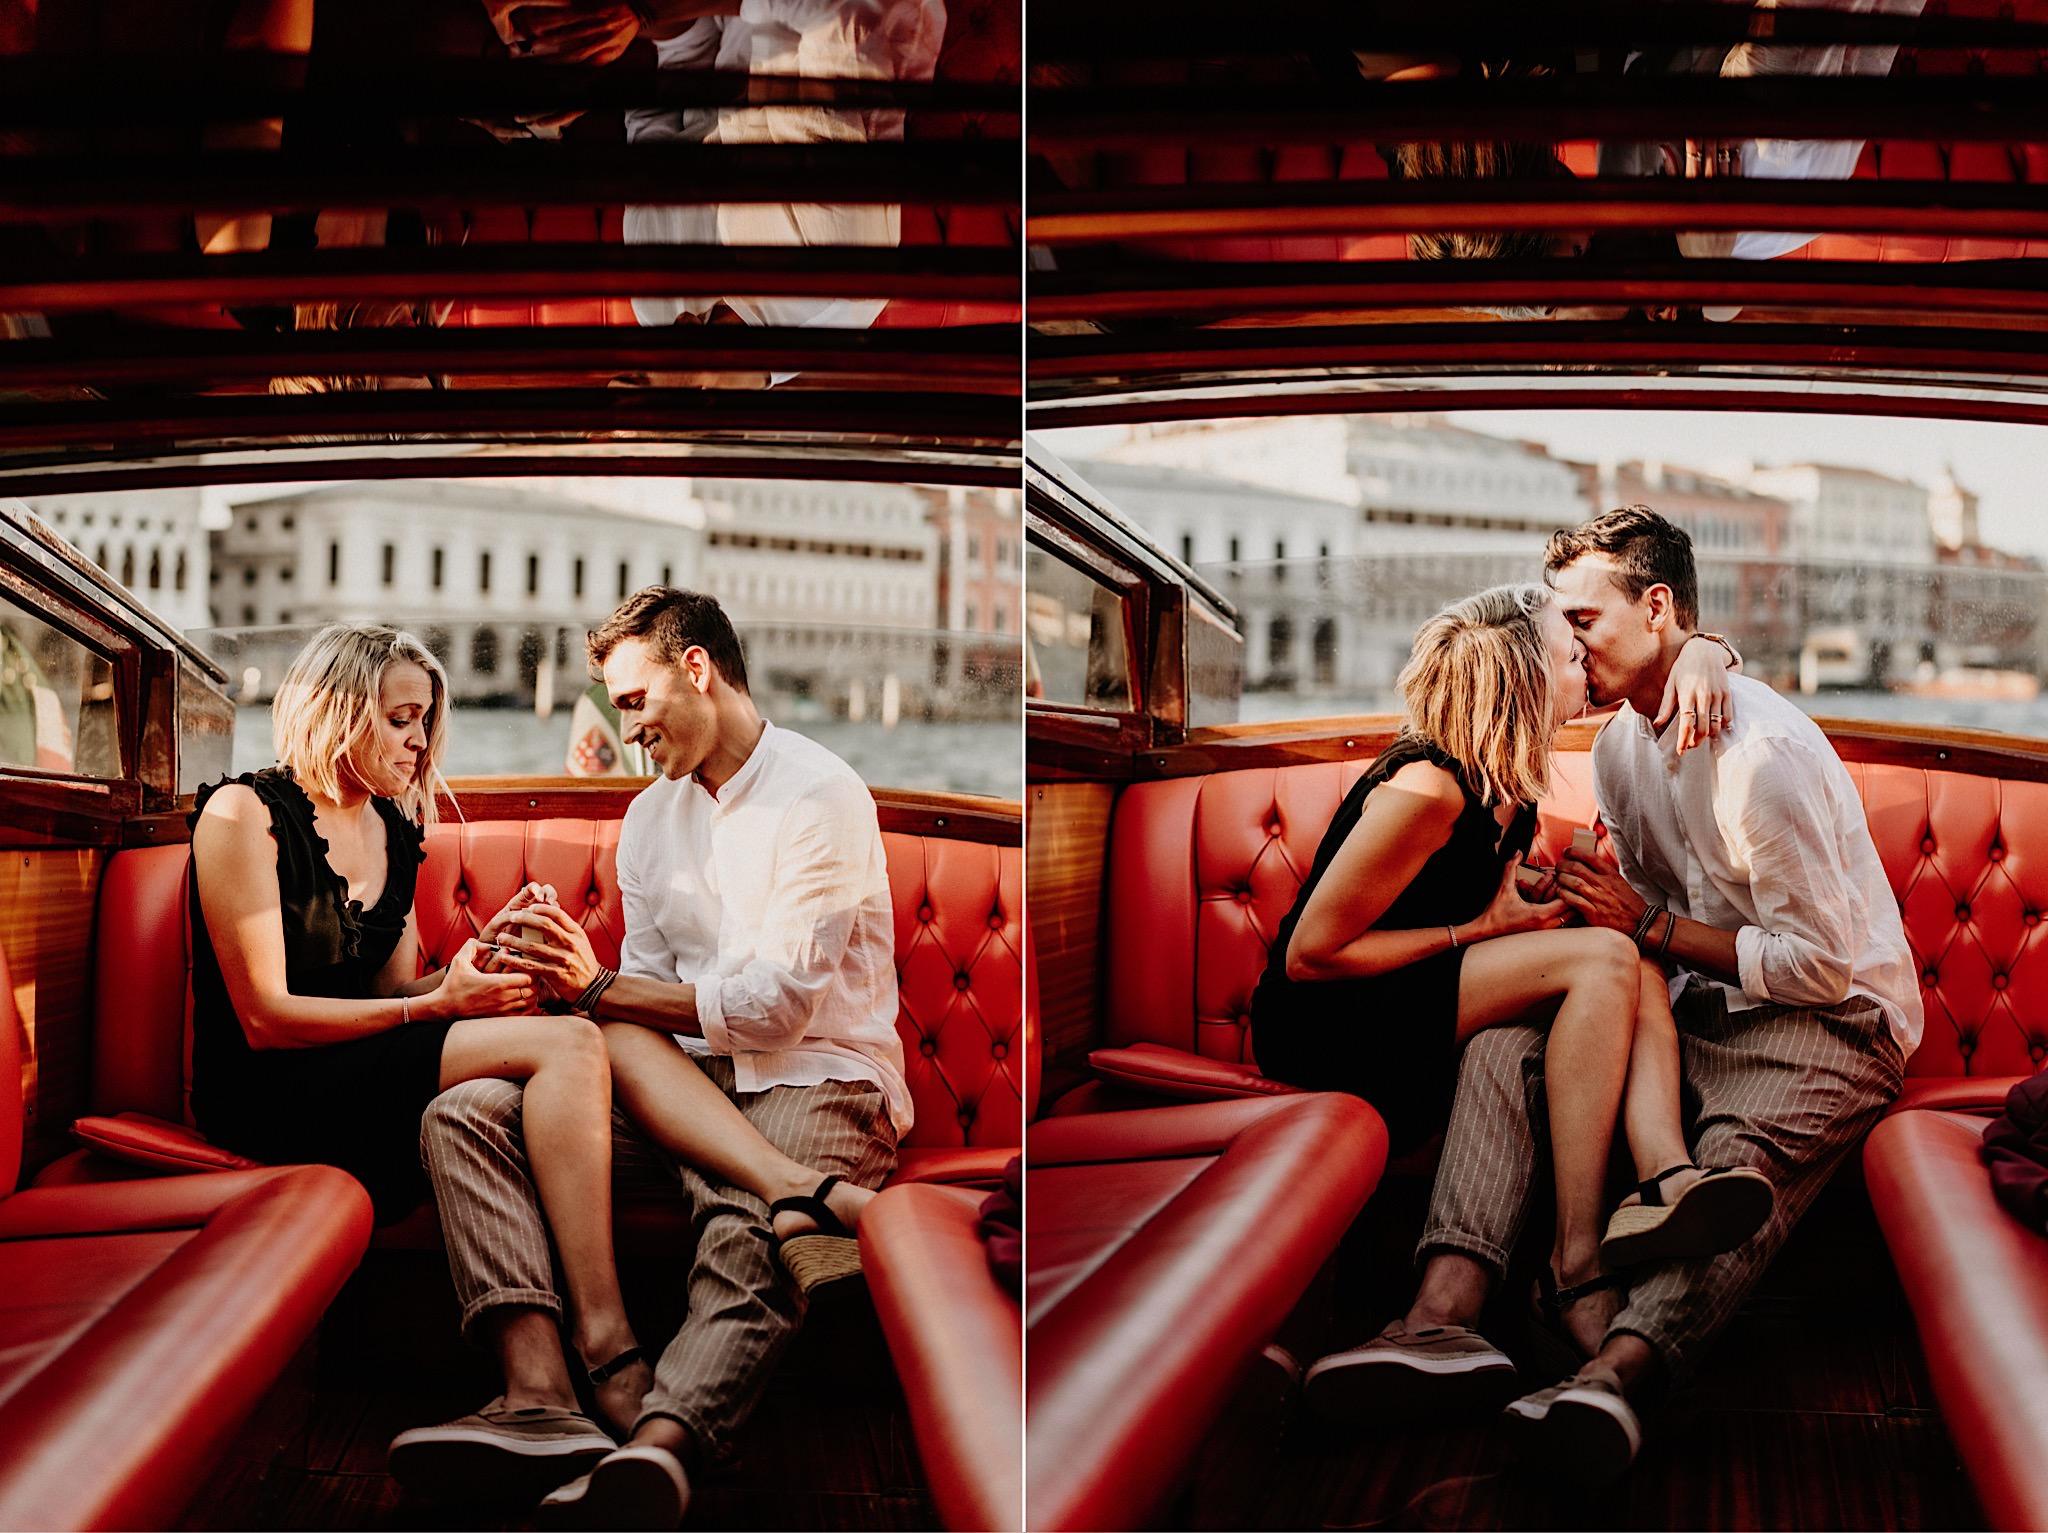 26_venezia_tramonto_matrimonio_proposta